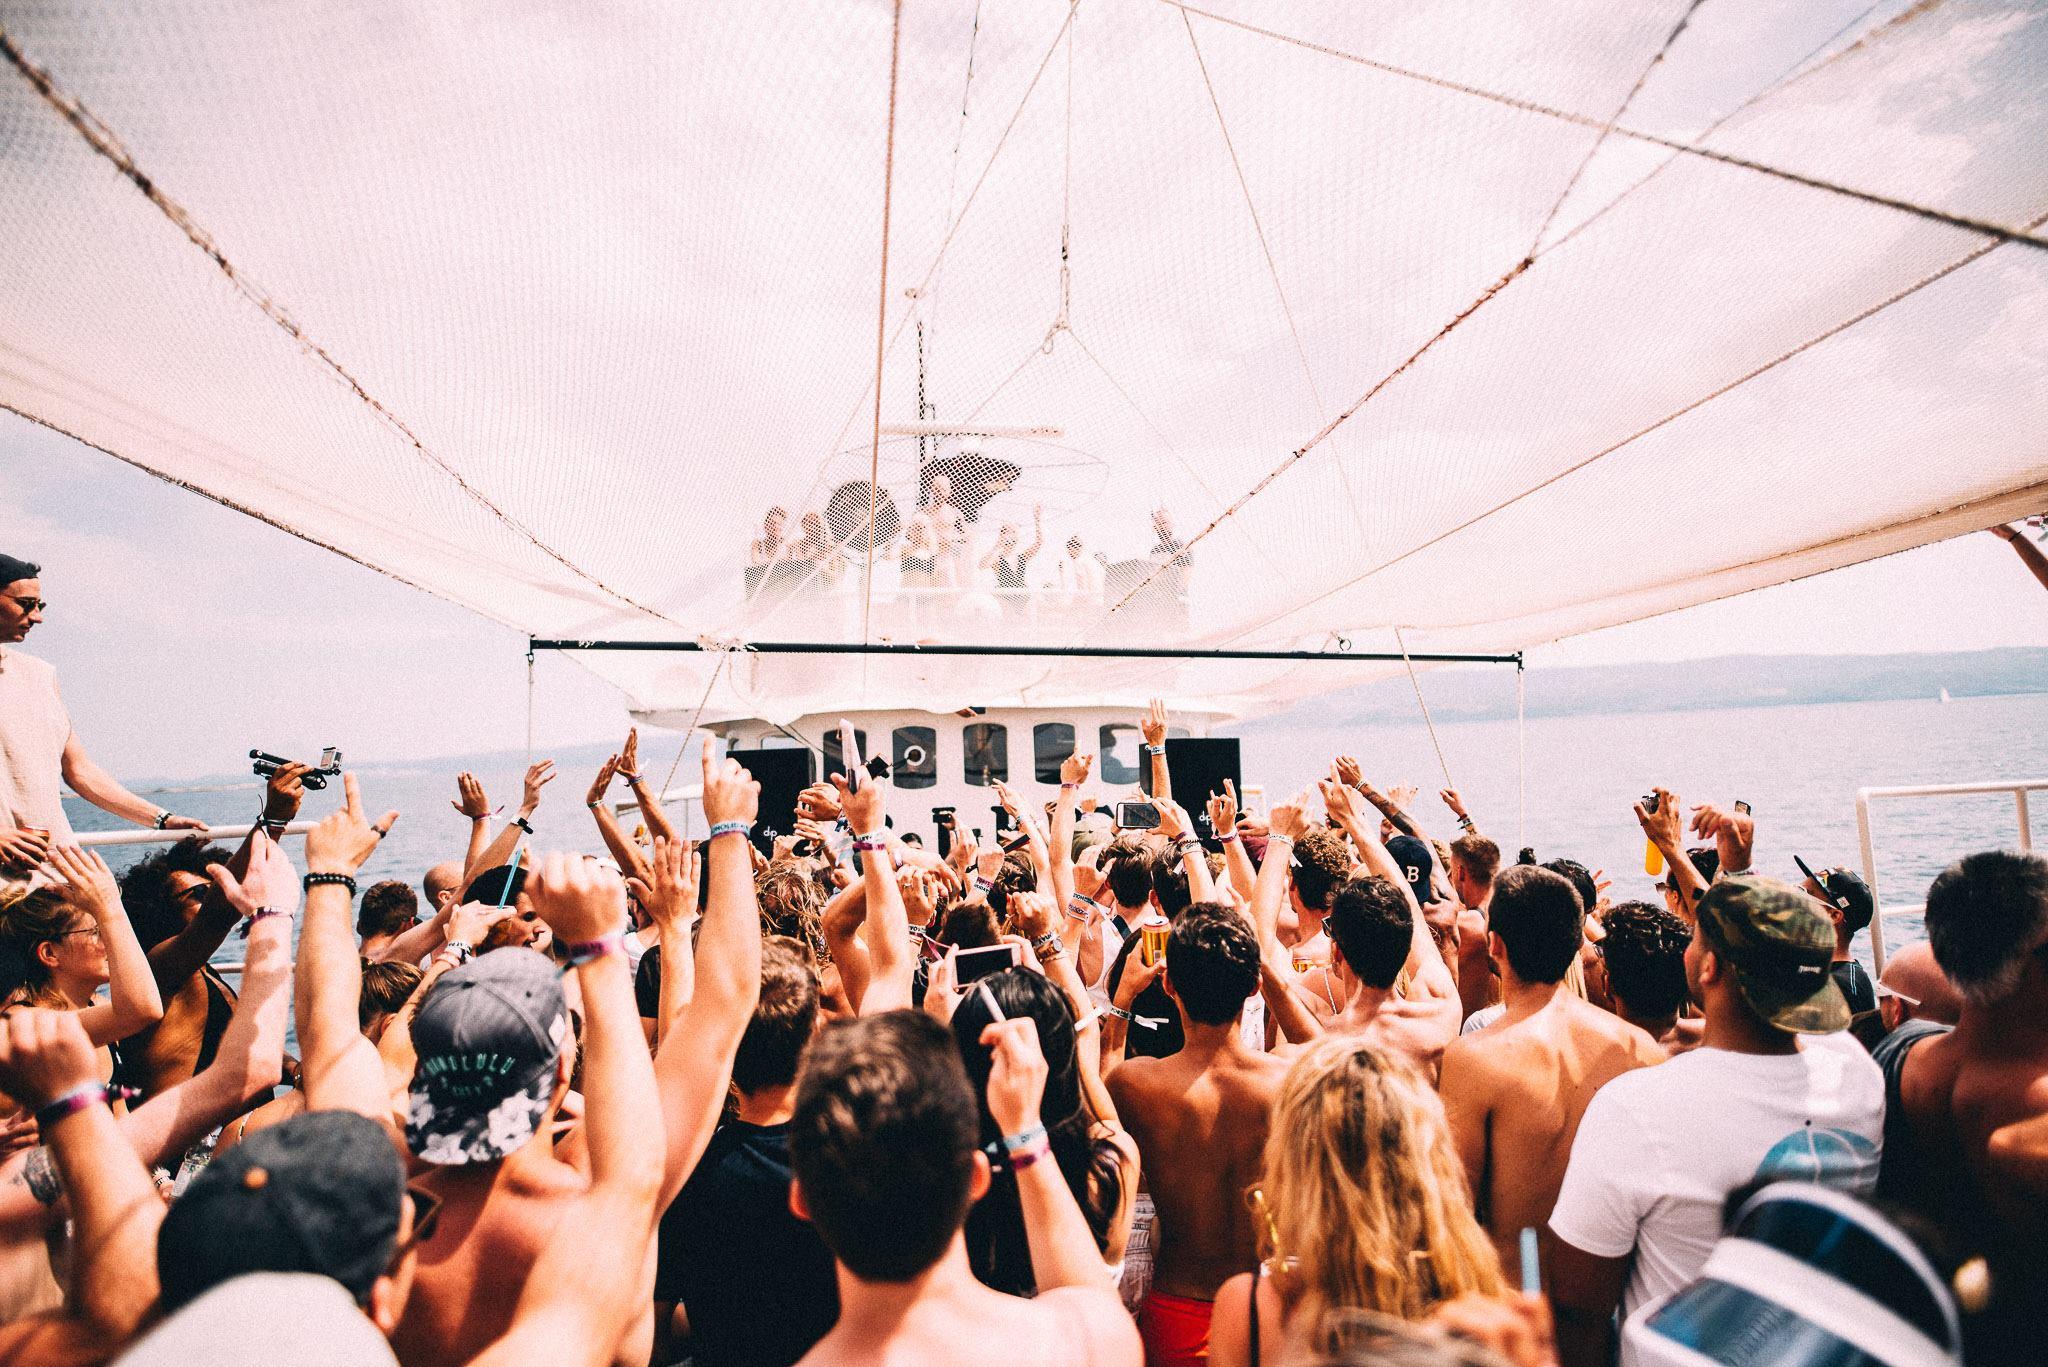 despedidas de soltera en barco malaga